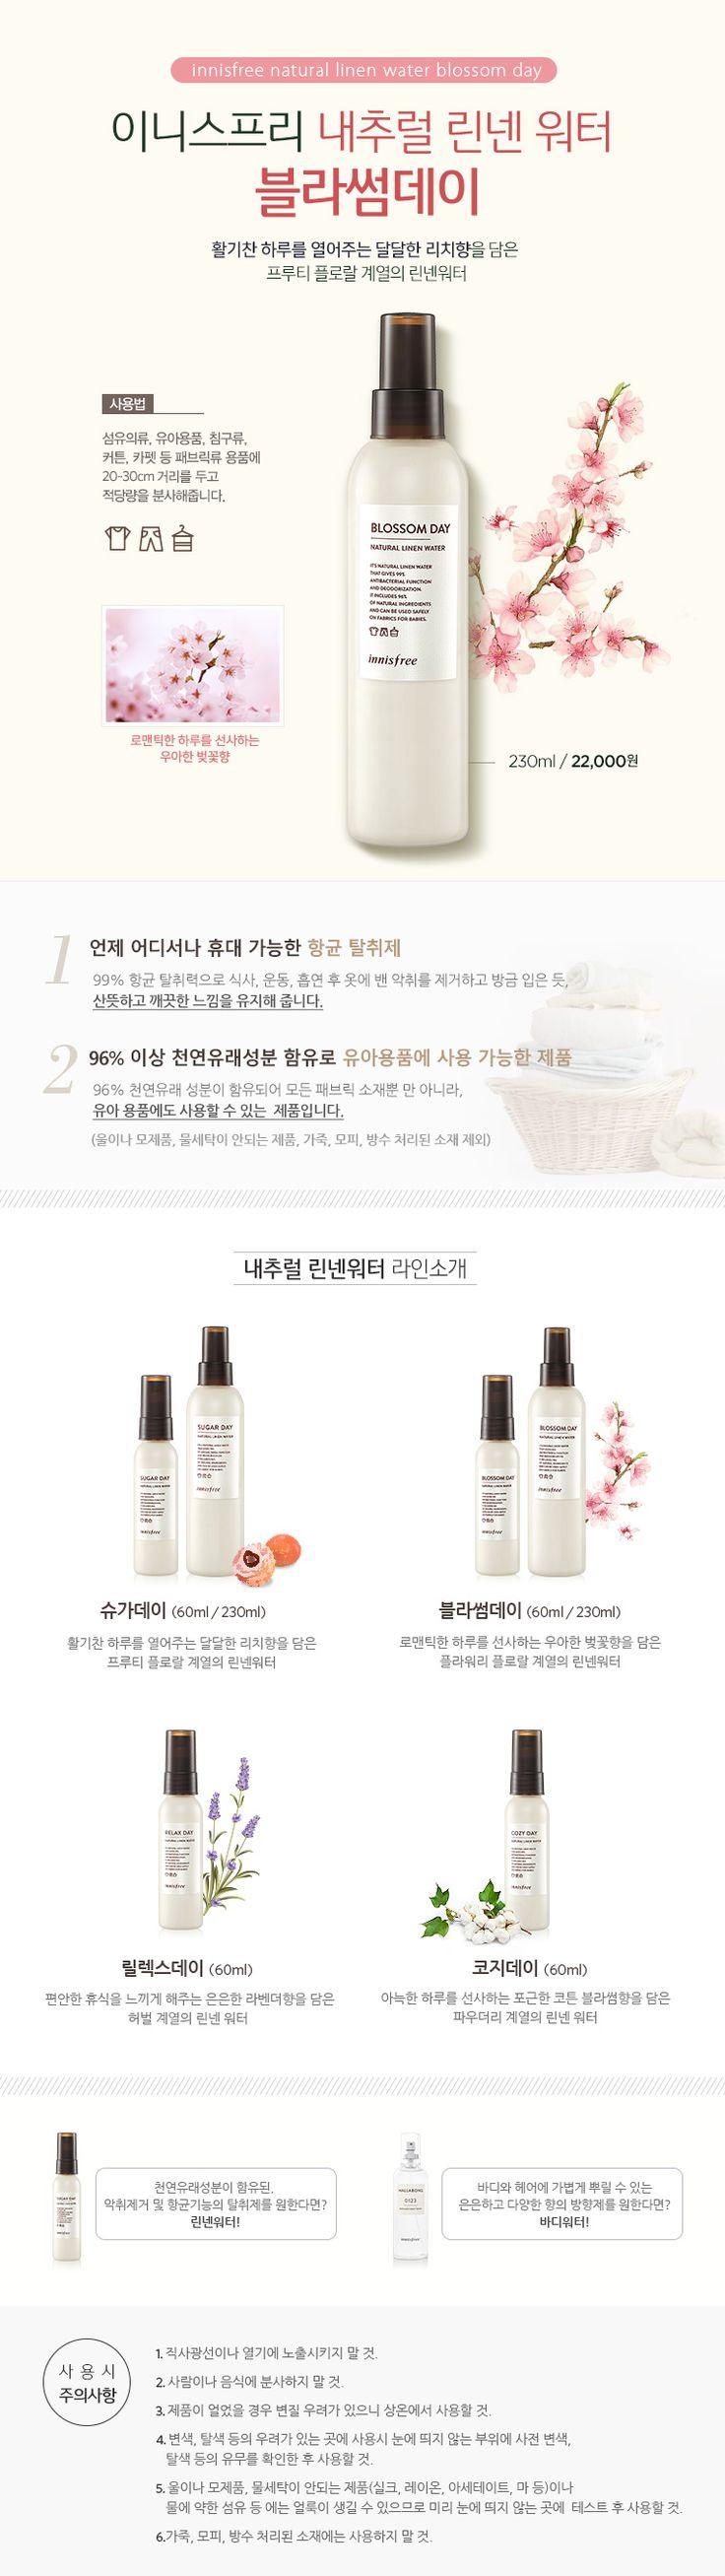 쇼핑하기 > 방향 > 룸&패브릭 스프레이 | Natural benefit from Jeju, innisfree